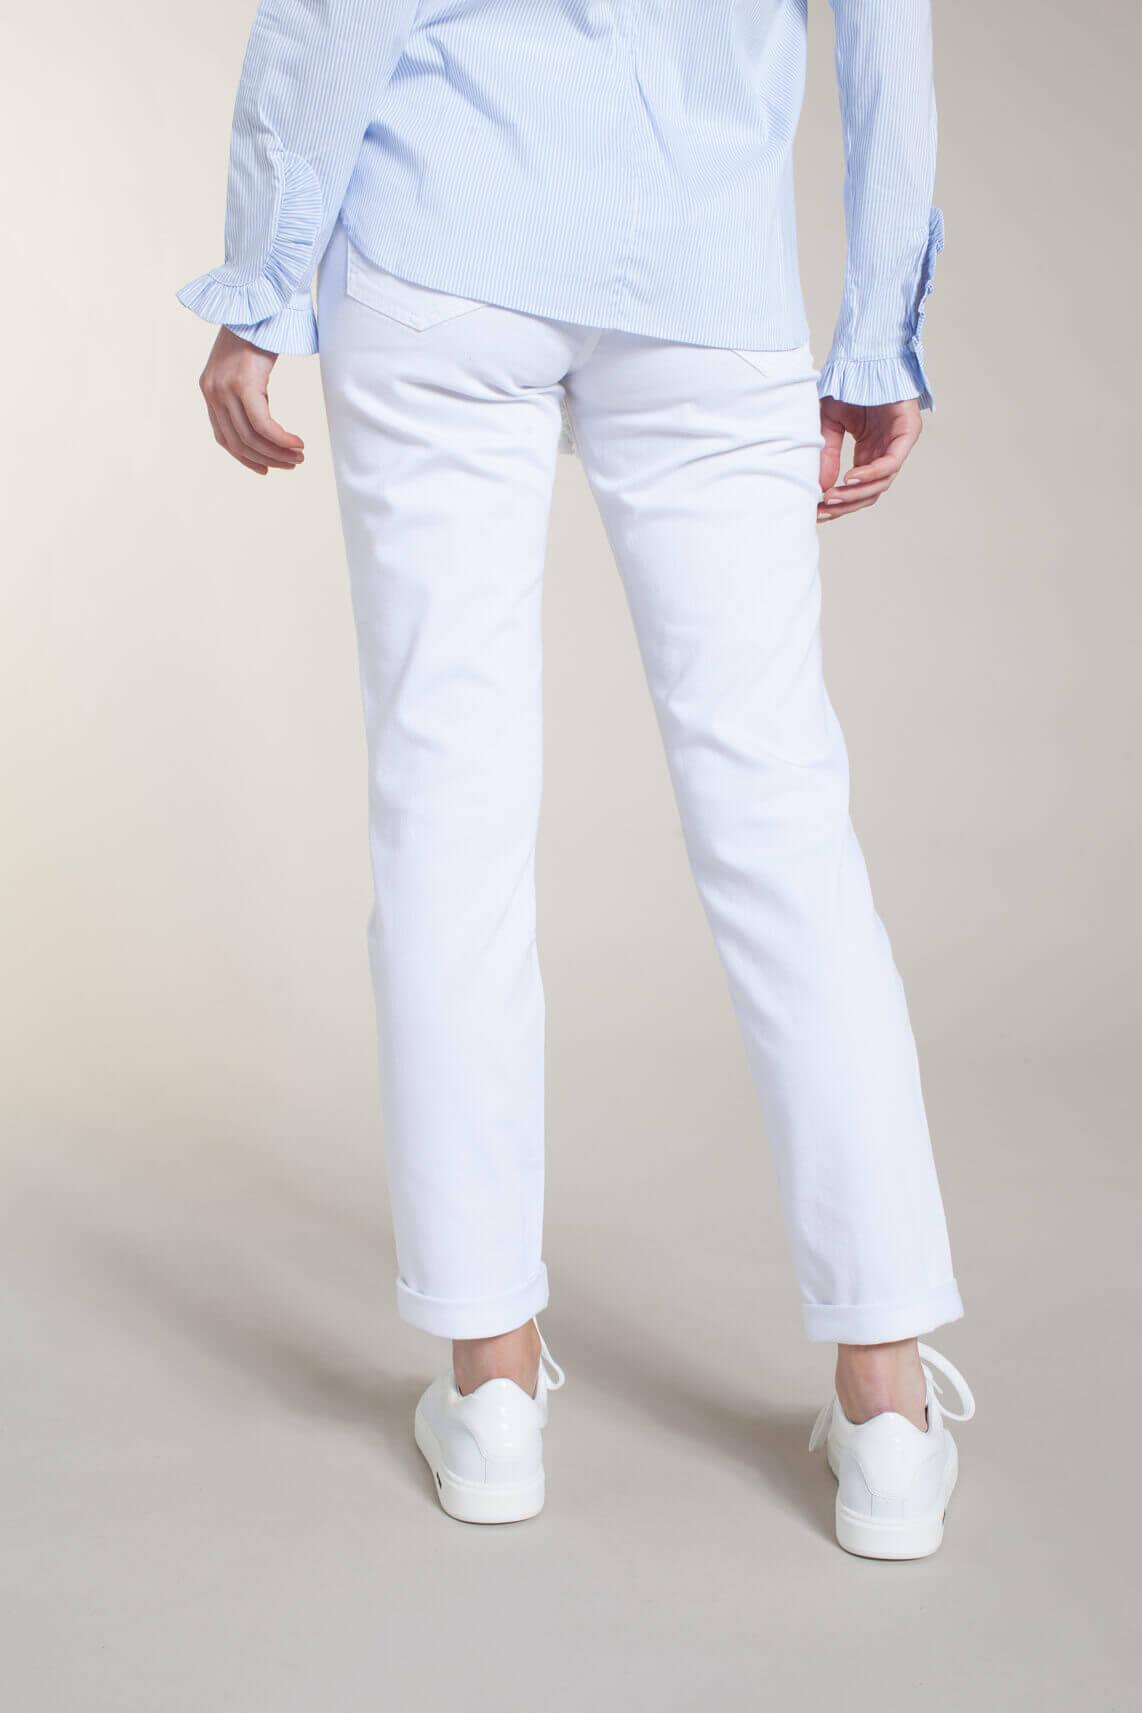 Rosner Dames Masha broek met ceintuur wit